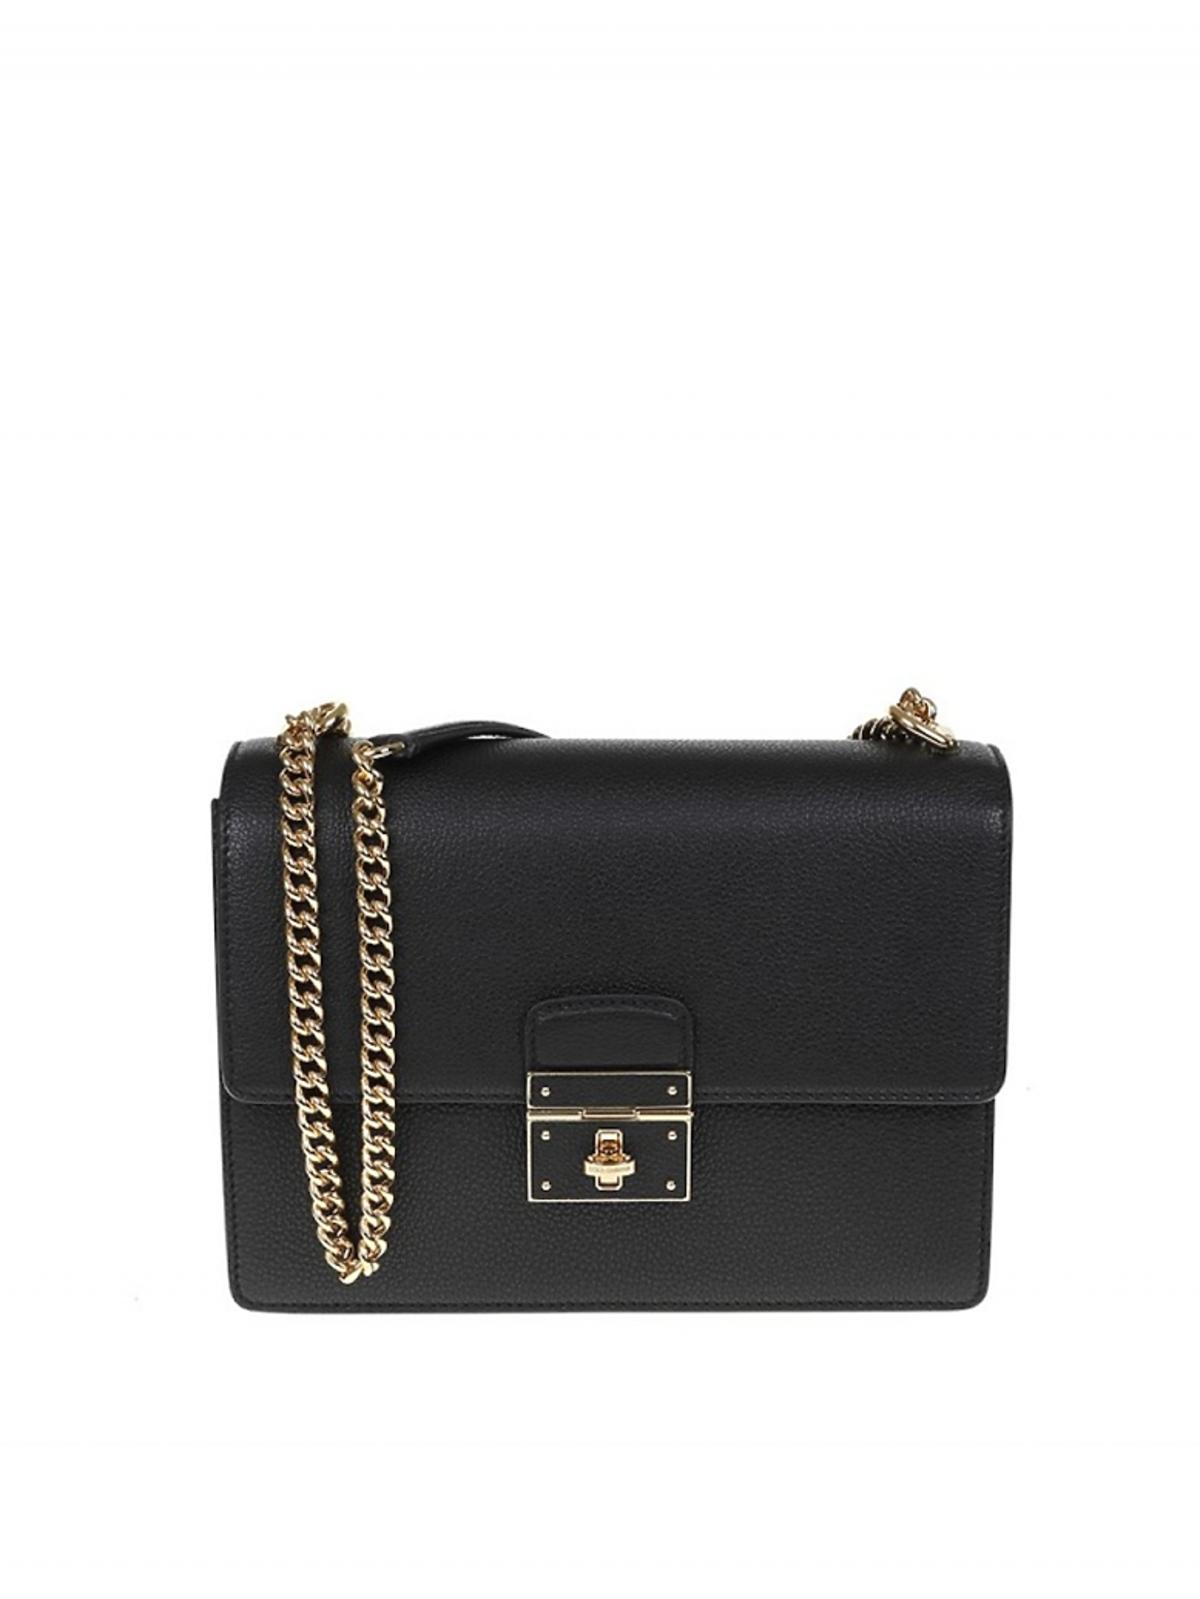 Czarna torebka Rosalia marki Dolce&Gabbana